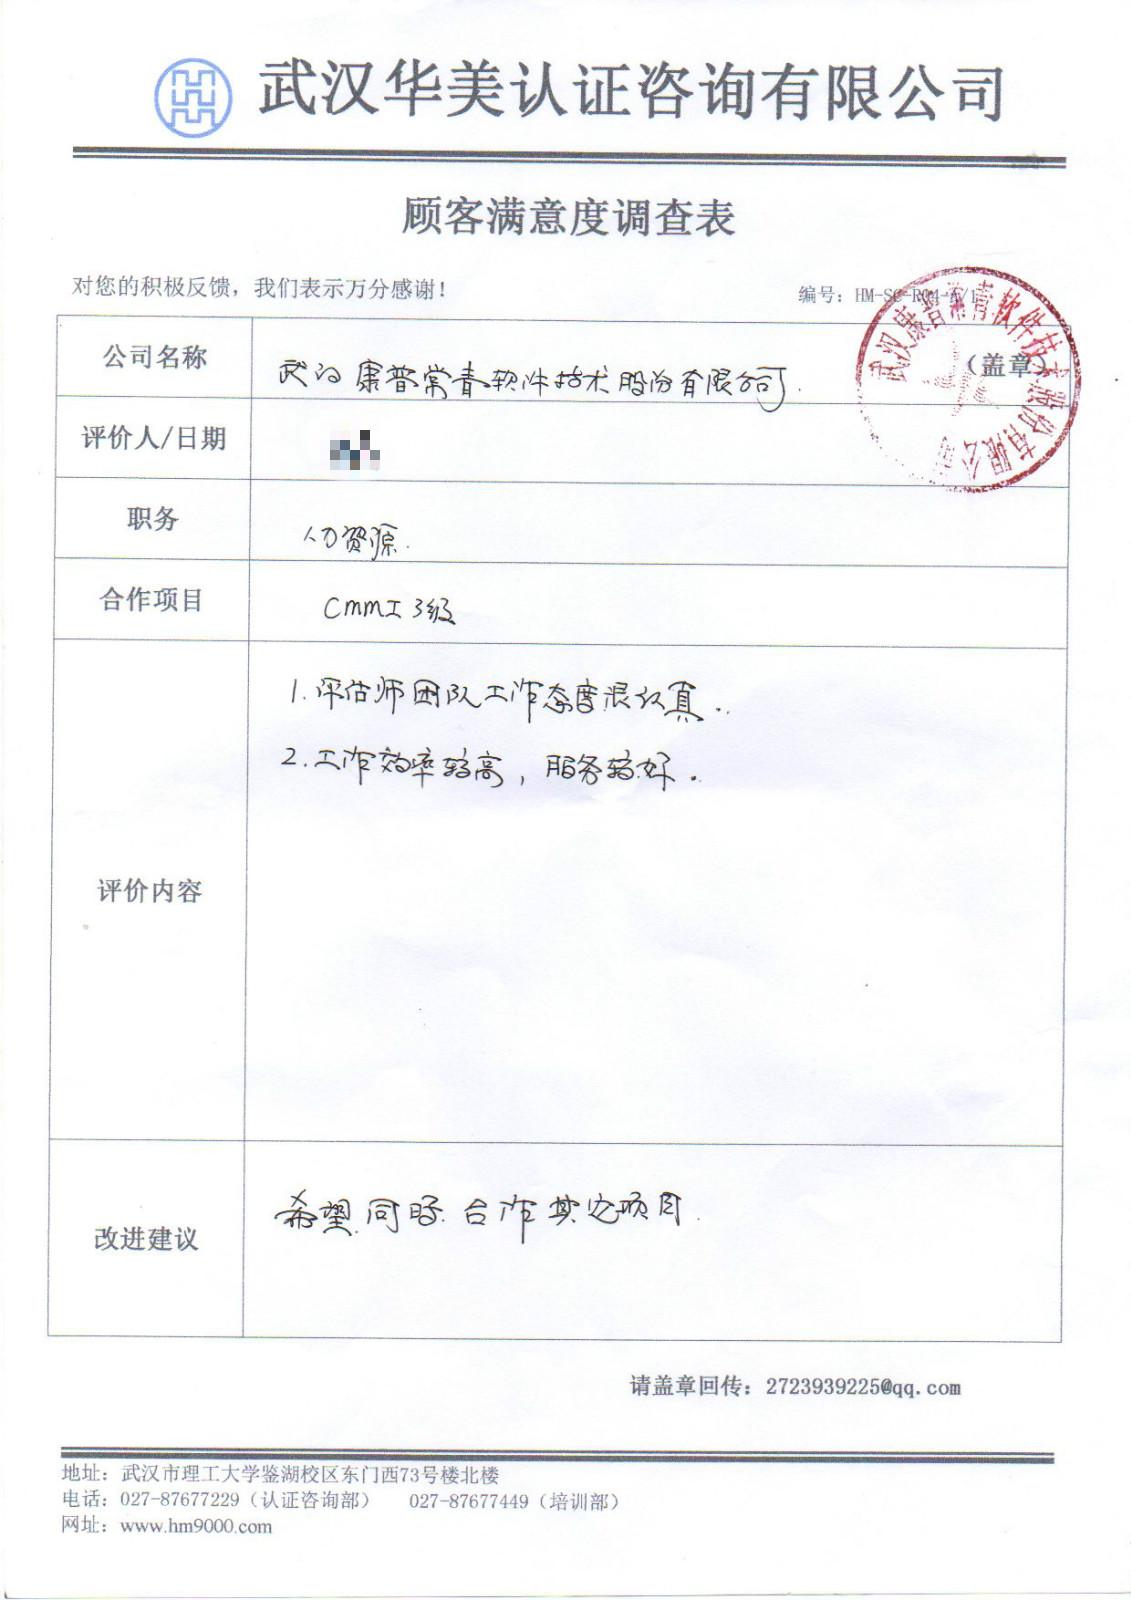 貝博論壇康普常青軟件技術股份ballbet貝博網頁登陸